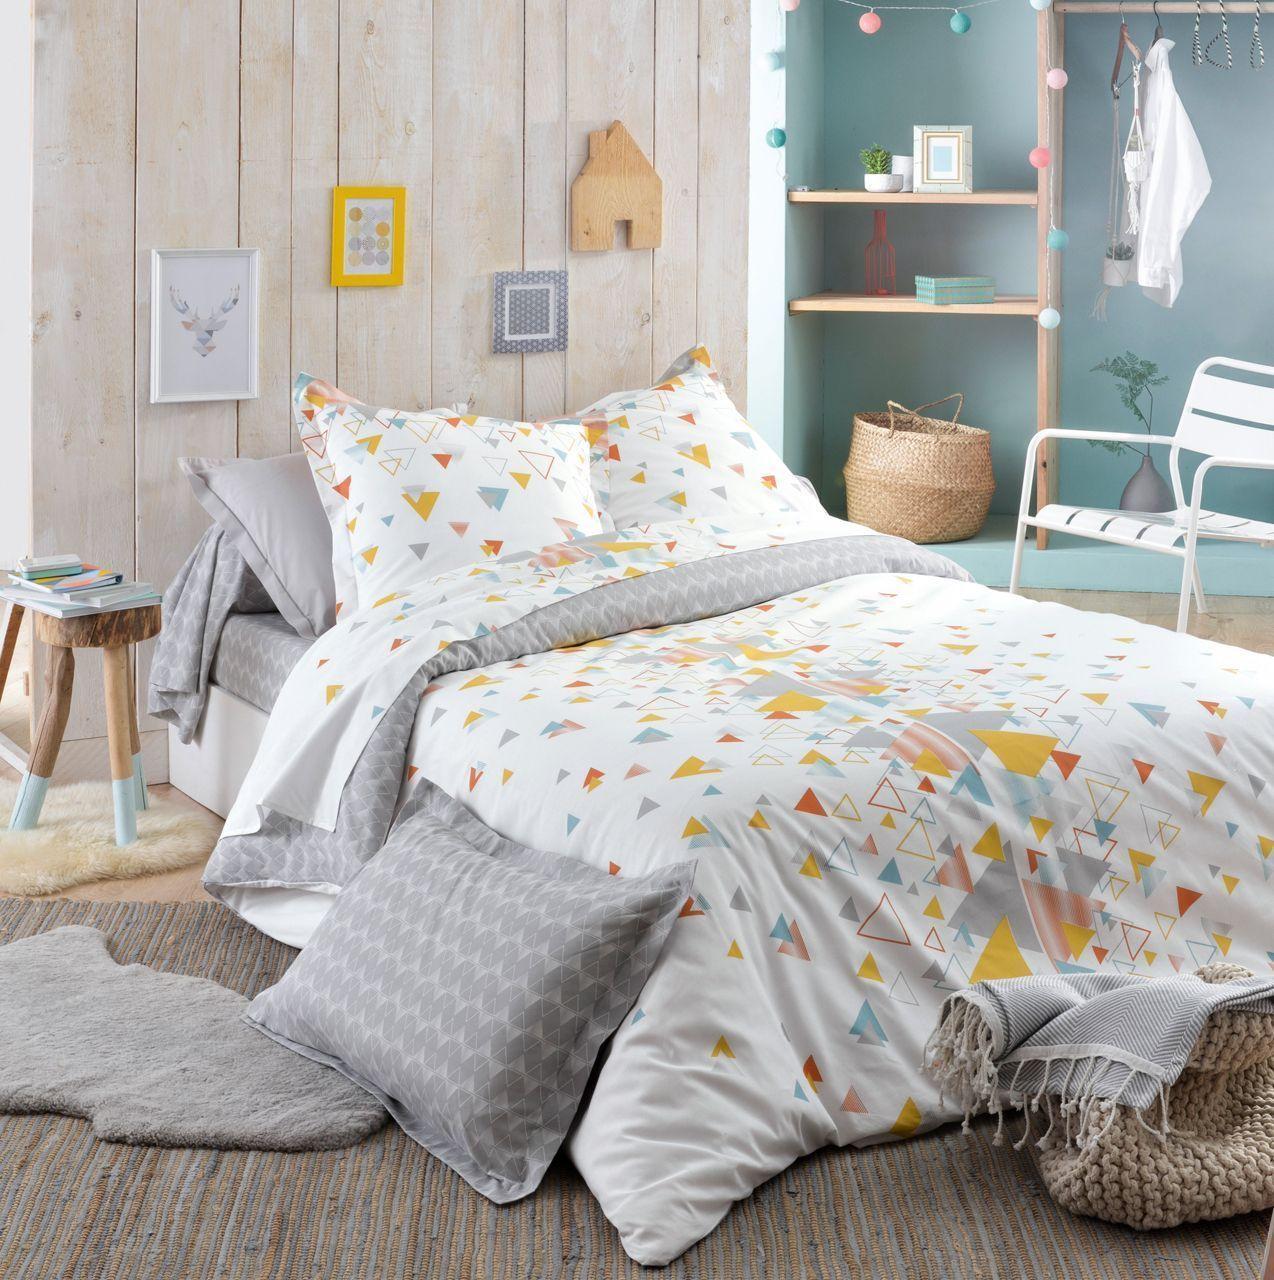 Parure de lit helsi imprim sur fond blanc hc 140x200 1to - Housse de couette style scandinave ...